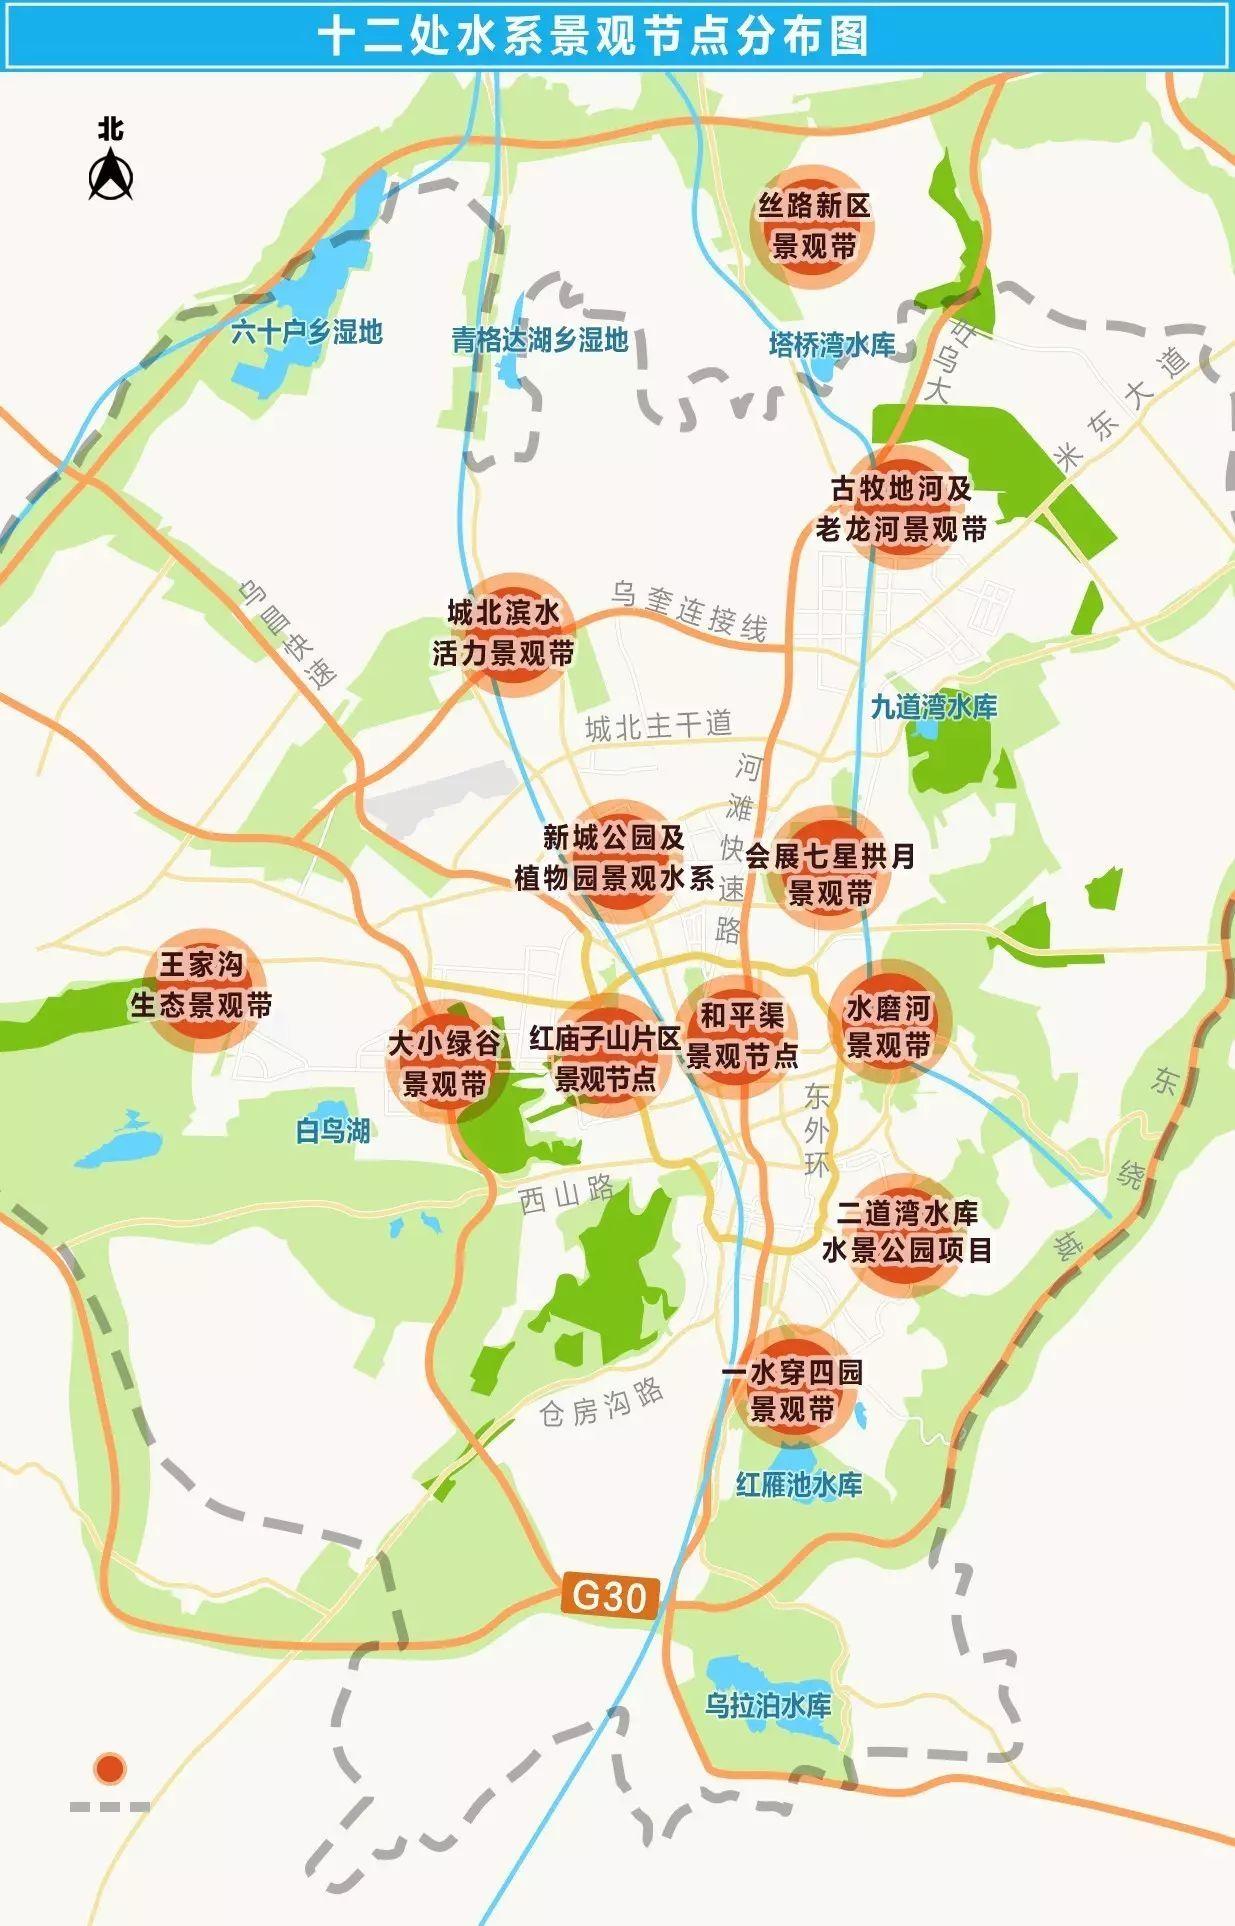 乌鲁木齐高新区规划图